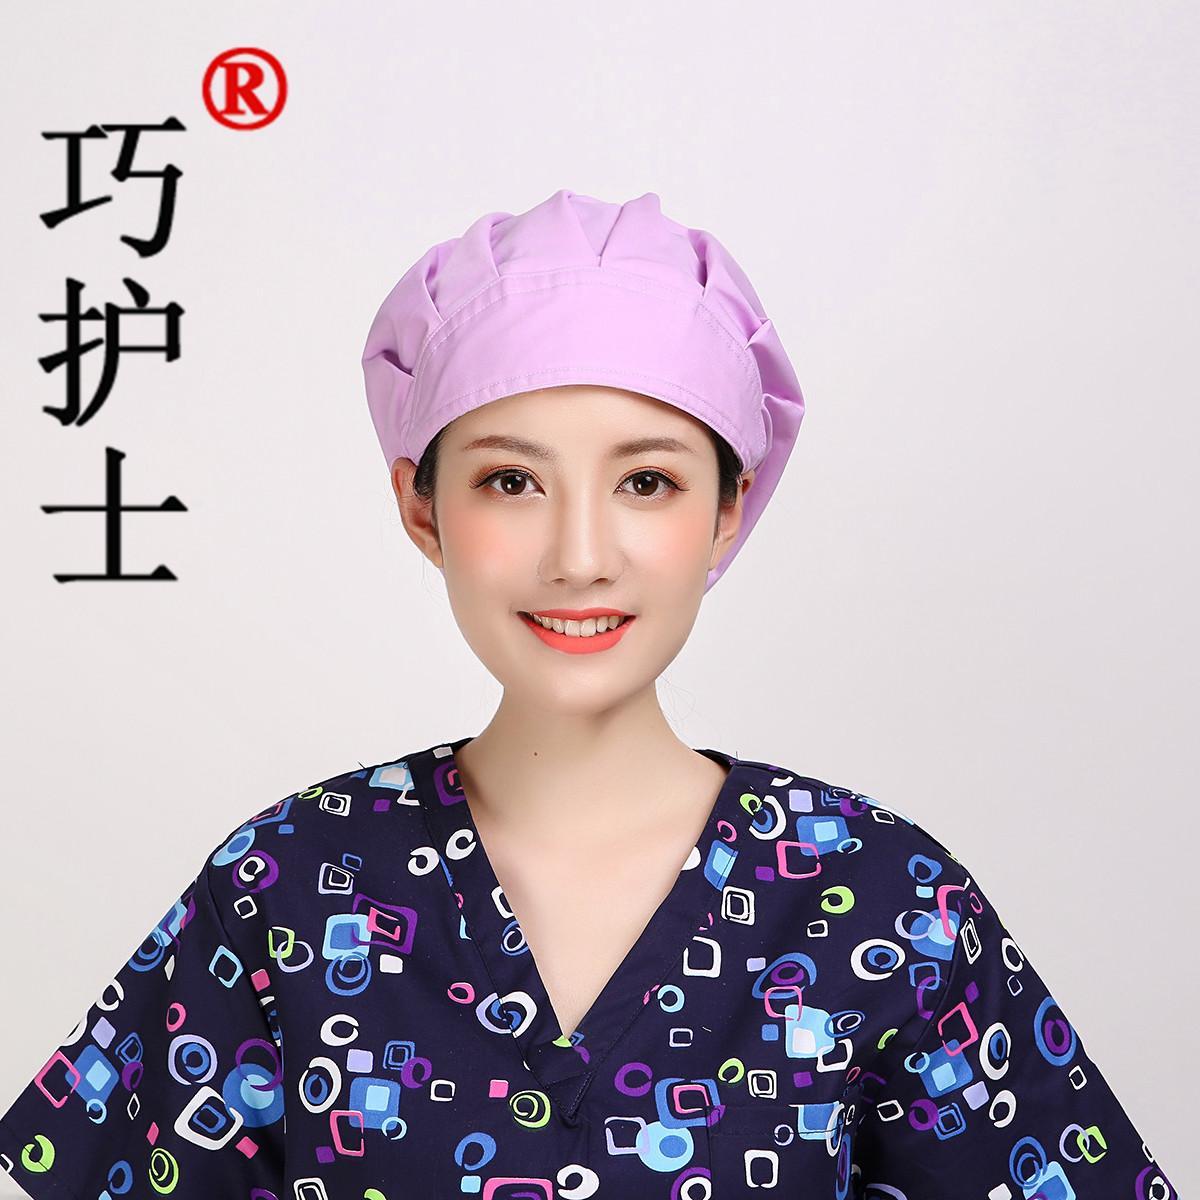 Qiao Topi Perawat Ungu Dangkal Rok Flared Topi Ruang Operasi Gigi